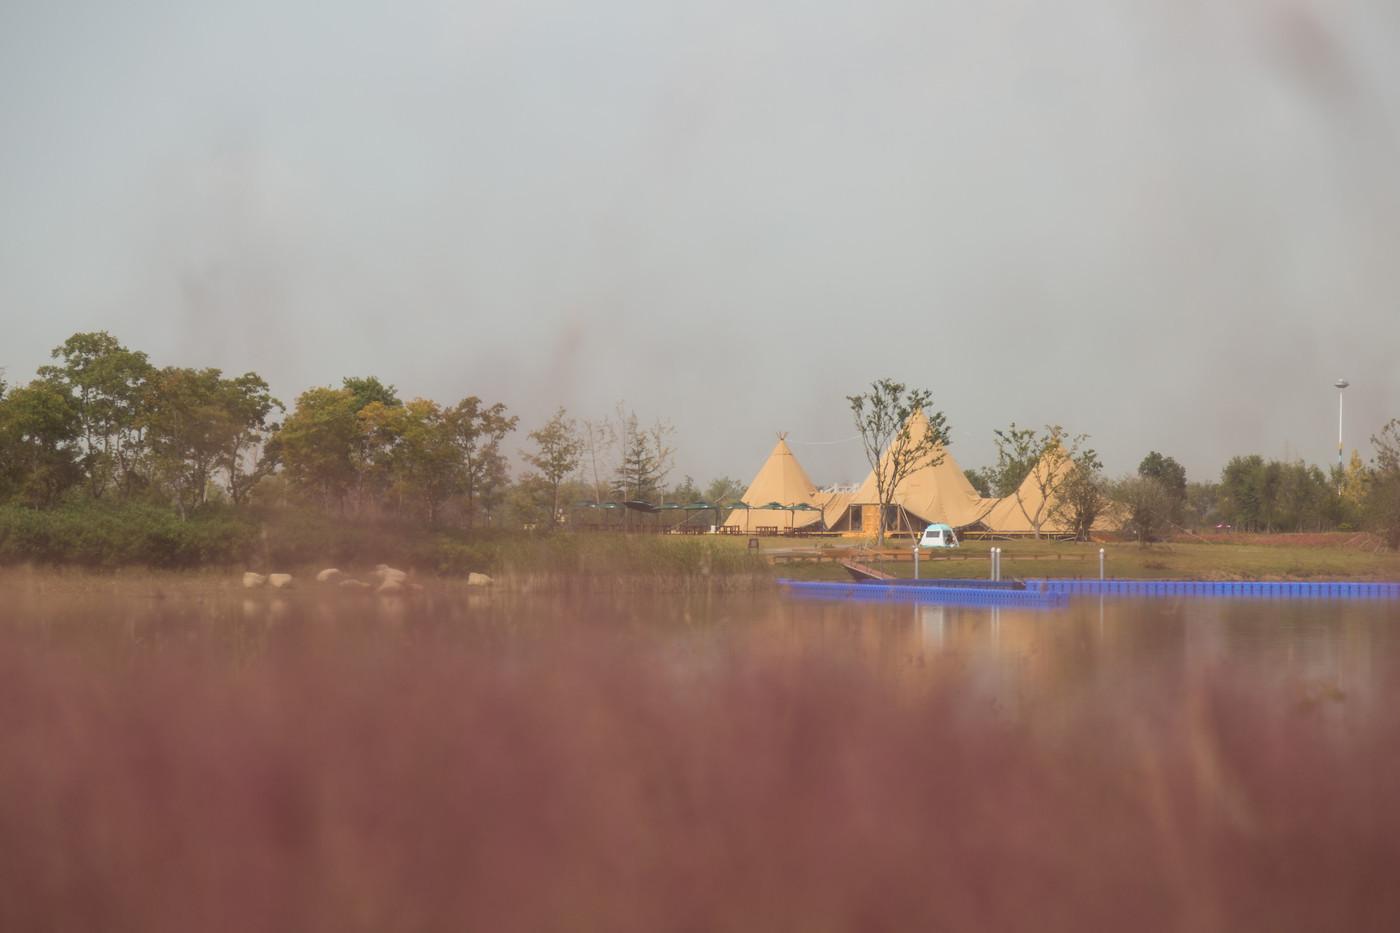 喜马拉雅印第安多功能大厅帐篷酒店12